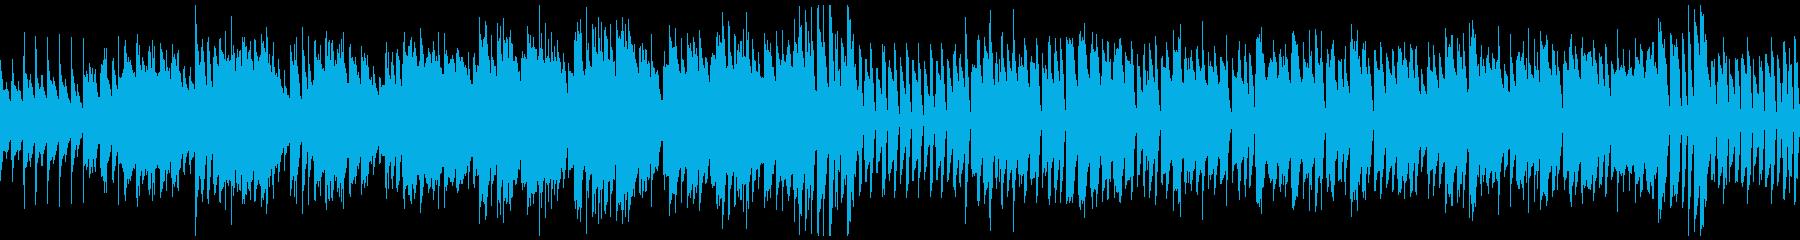 トットコお散歩・ほのぼの日常系BGMの再生済みの波形